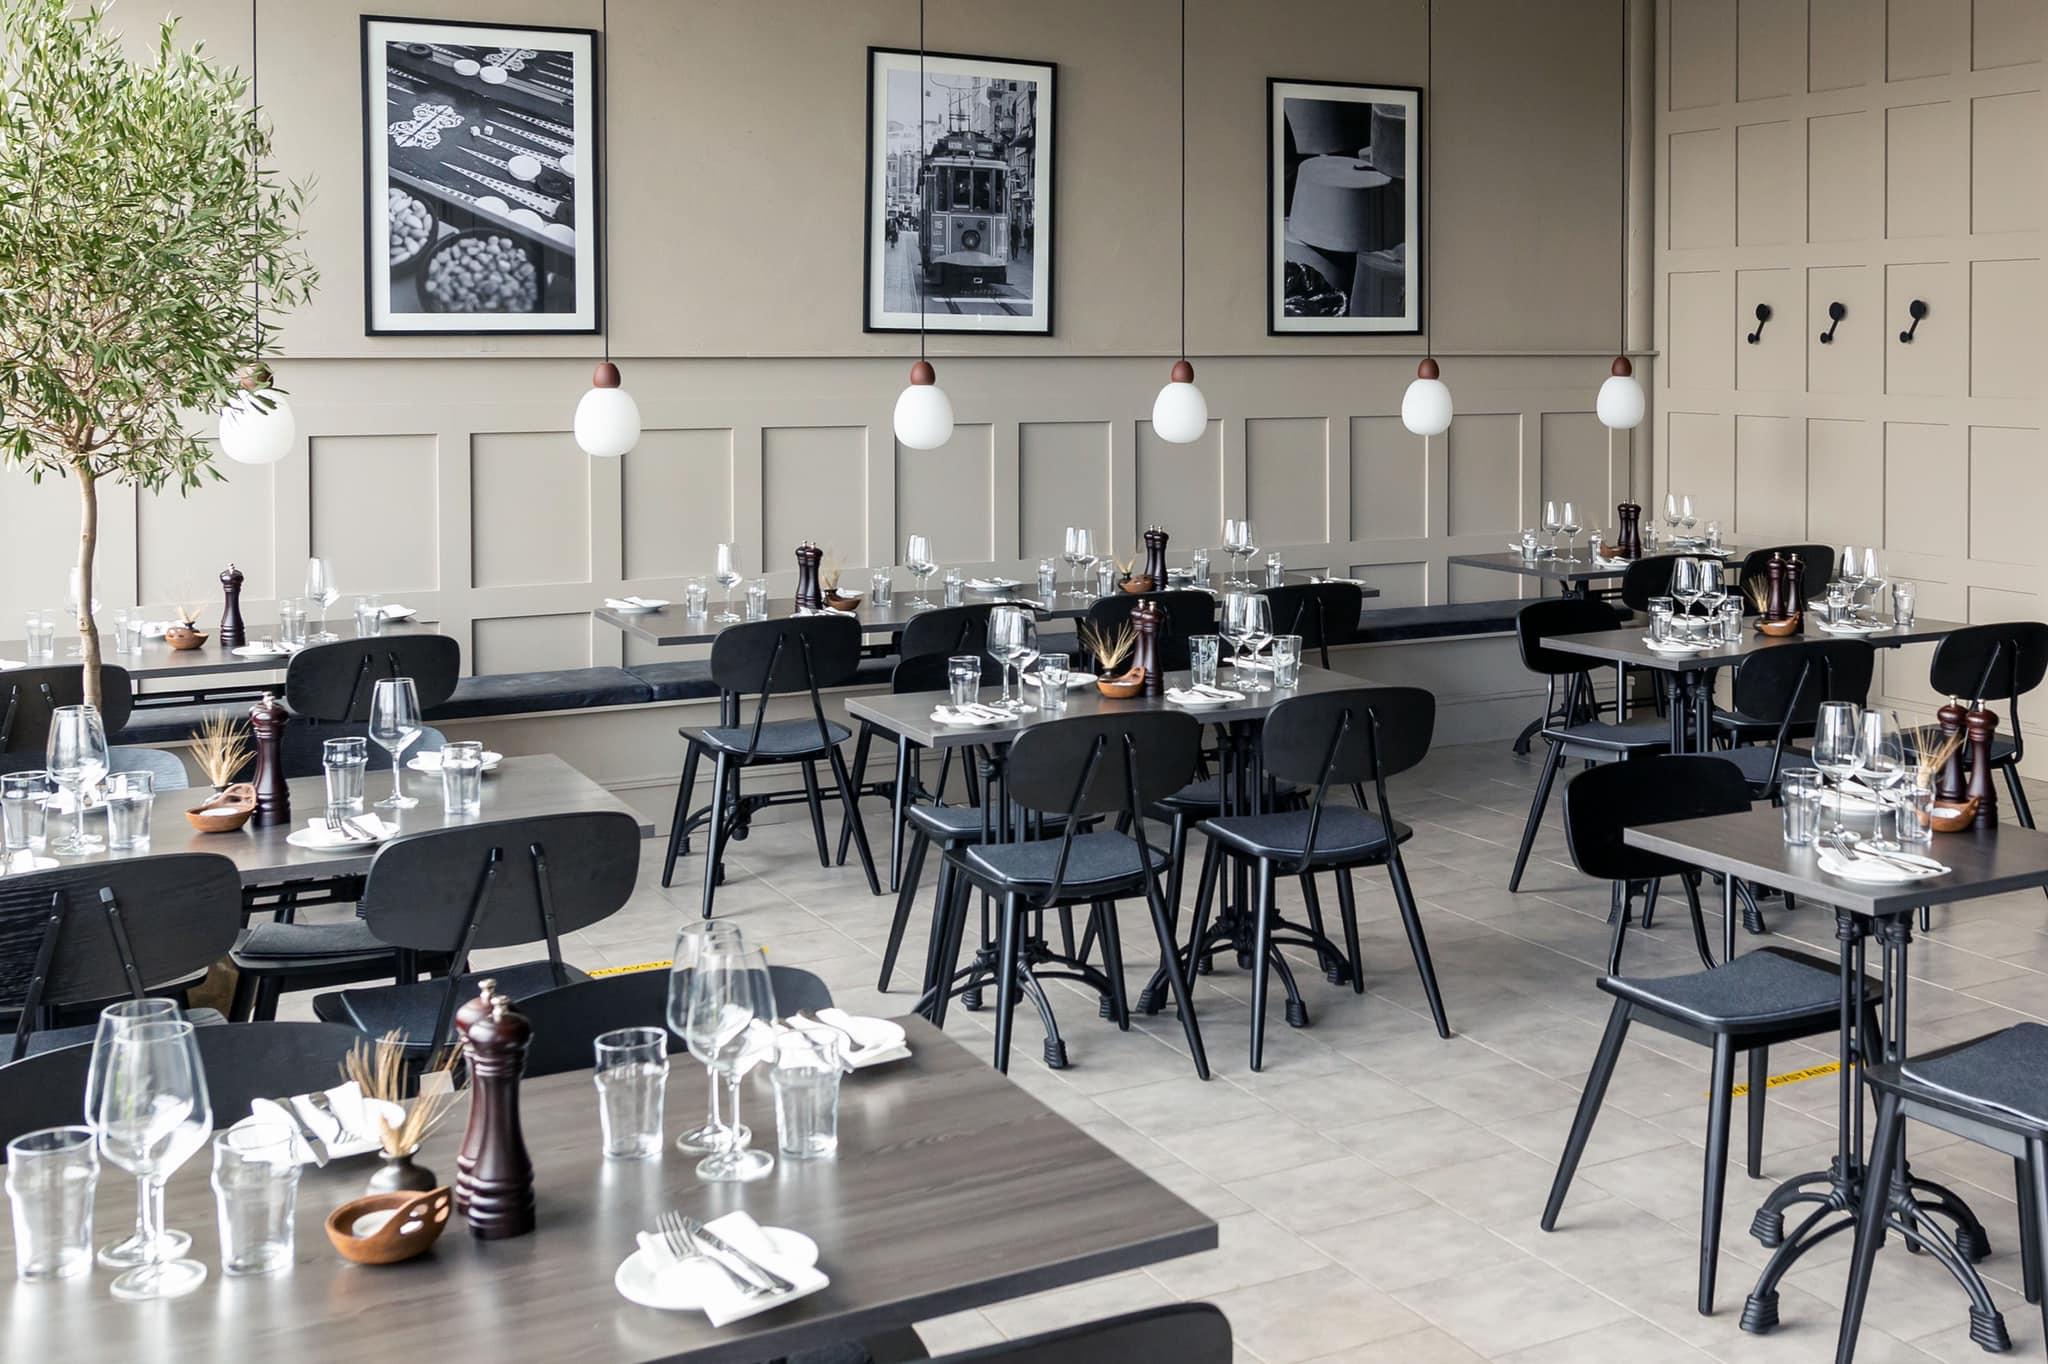 stor och ljus matsal med svarta stolar och bord